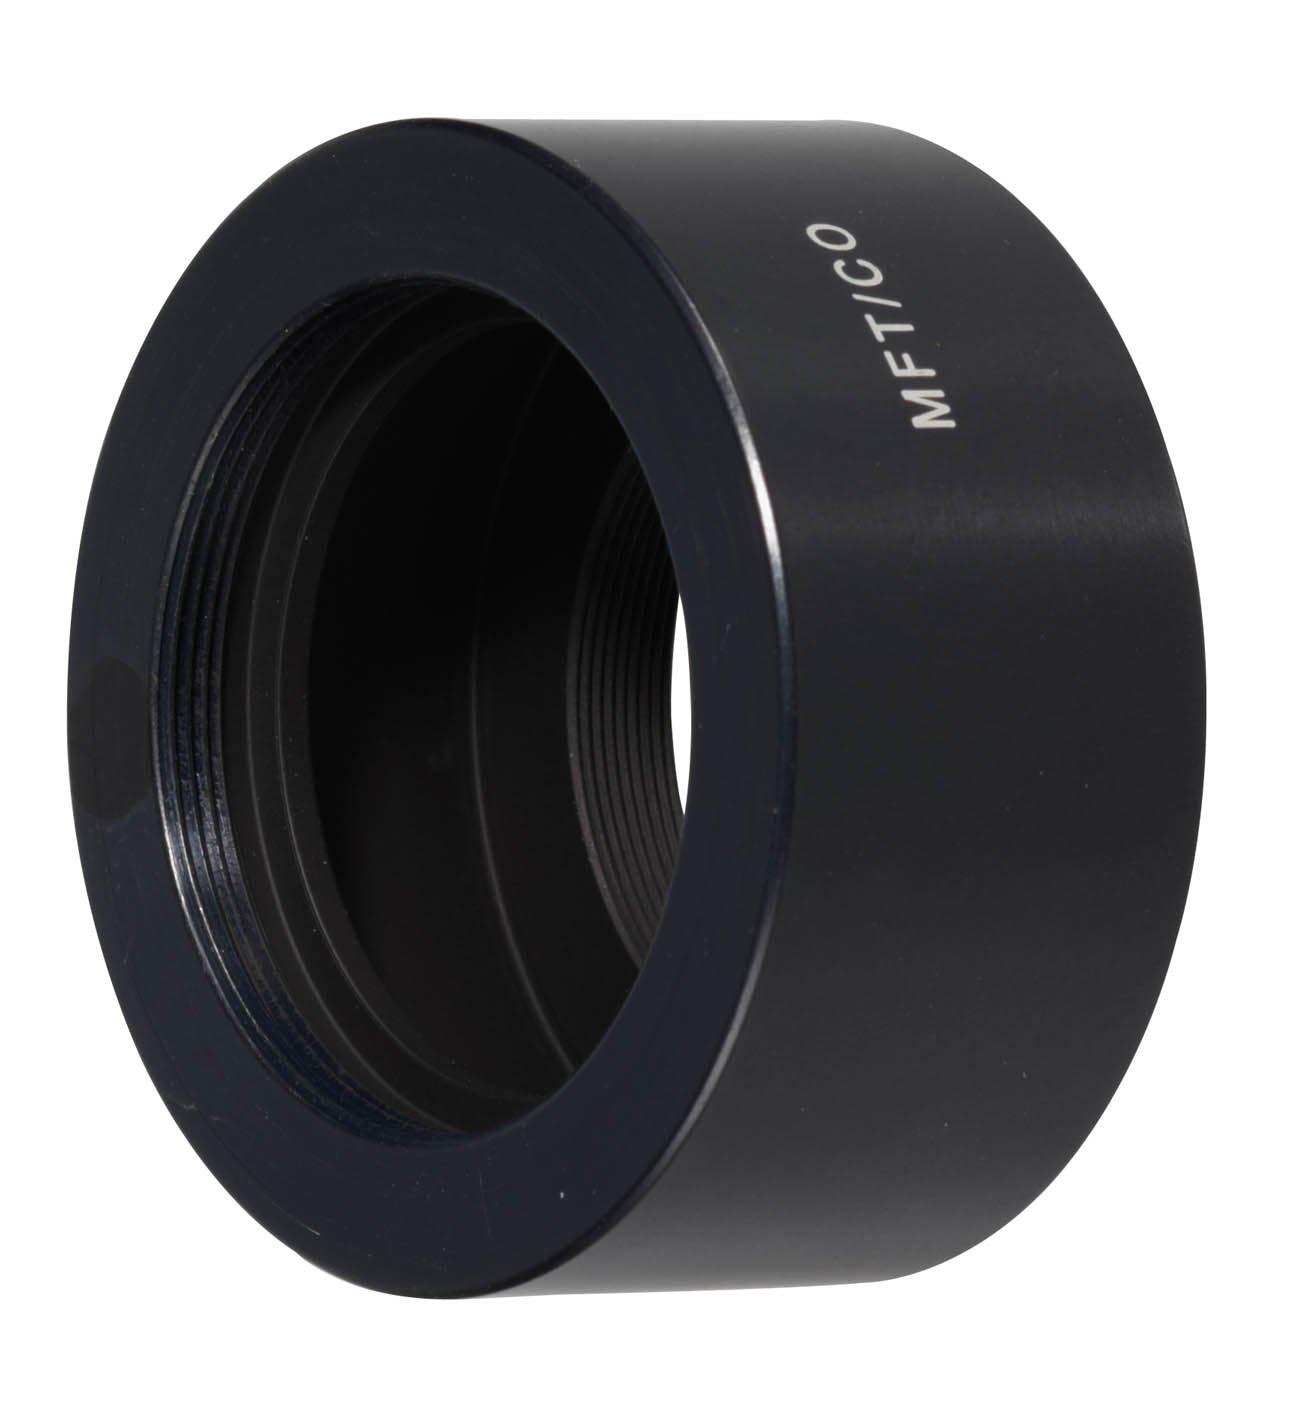 Novoflex Adapter for M42 Lenses to Micro Four Thirds Body (MFT/CO)